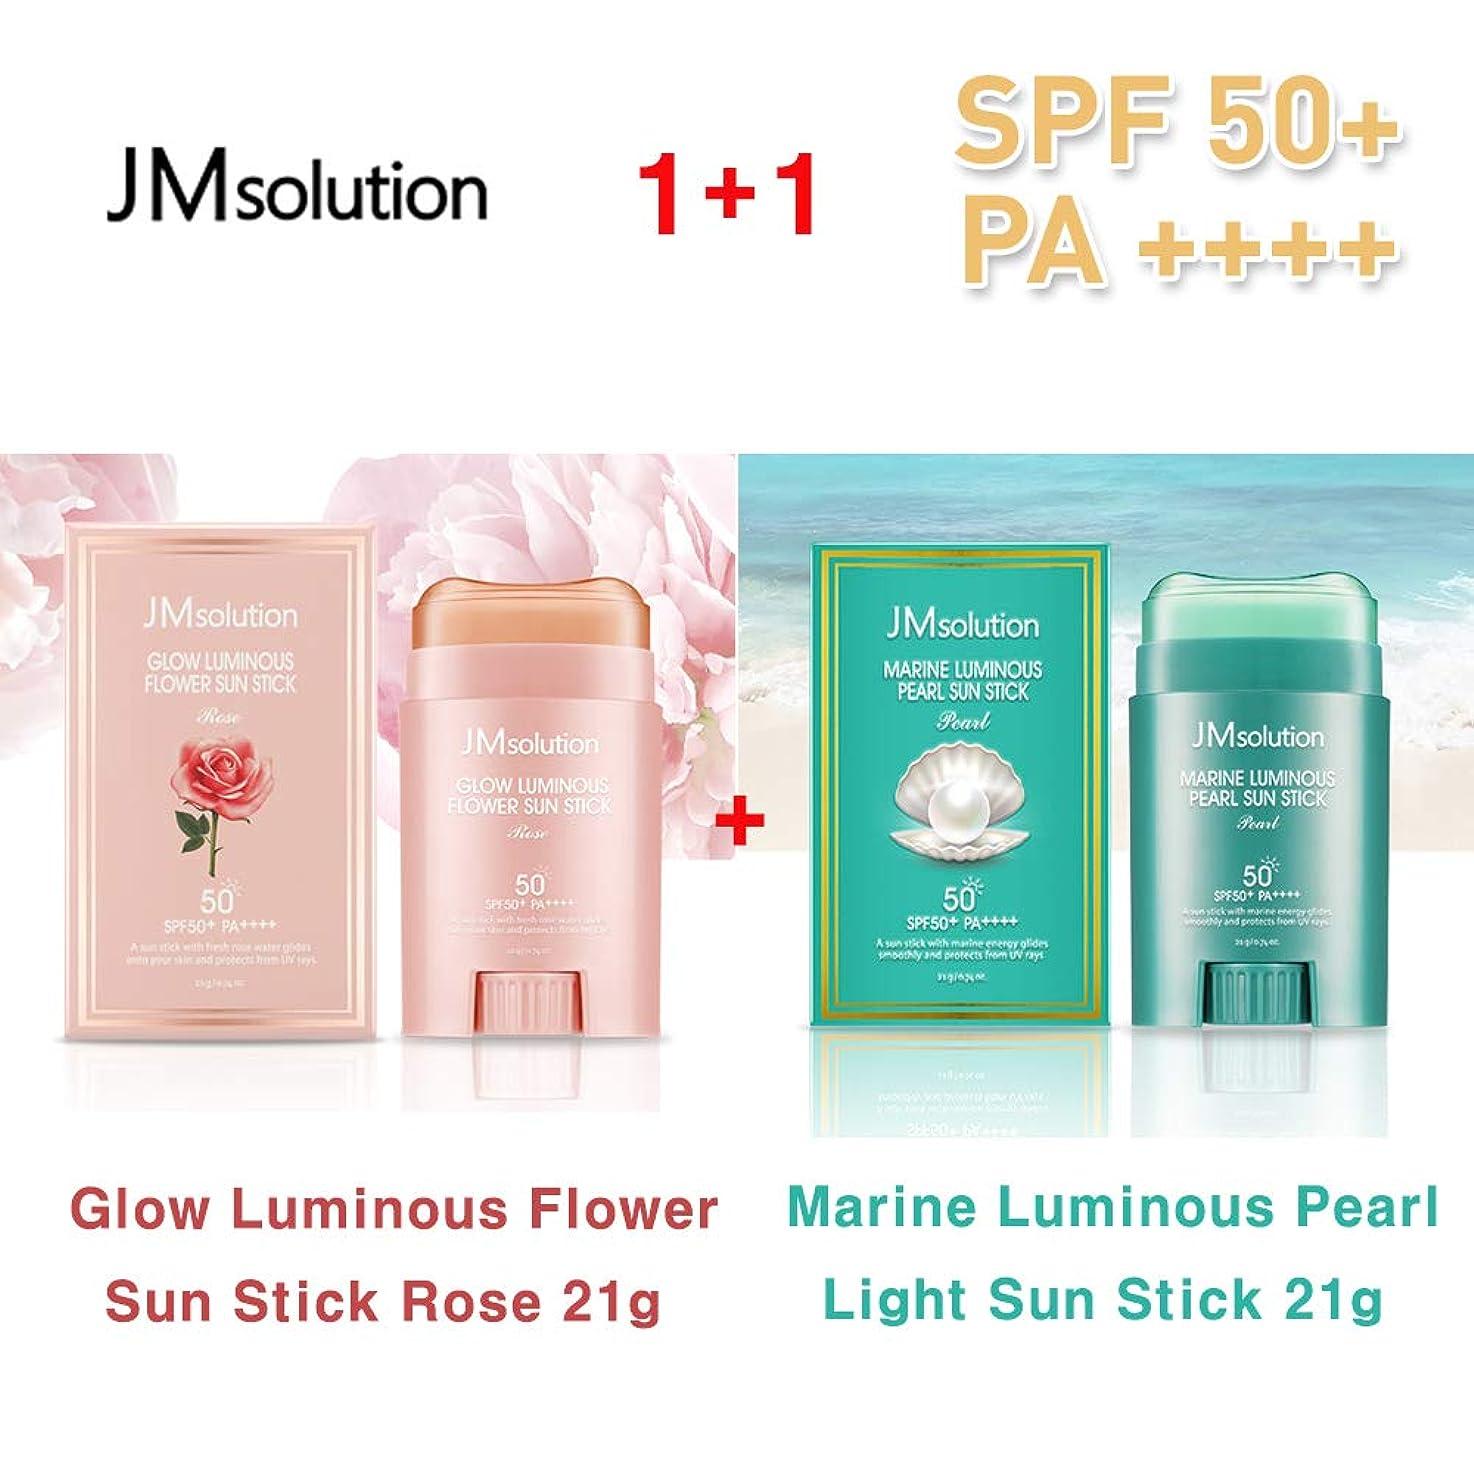 赤外線提唱するコンサートJM Solution ★1+1★ Glow Luminous Flower Sun Stick Rose 21g + Marine Luminous Pearl Light Sun Stick 21g / 光る輝く花Sun Stick Rose + マリンルミナスパールライトサンスティック21g /